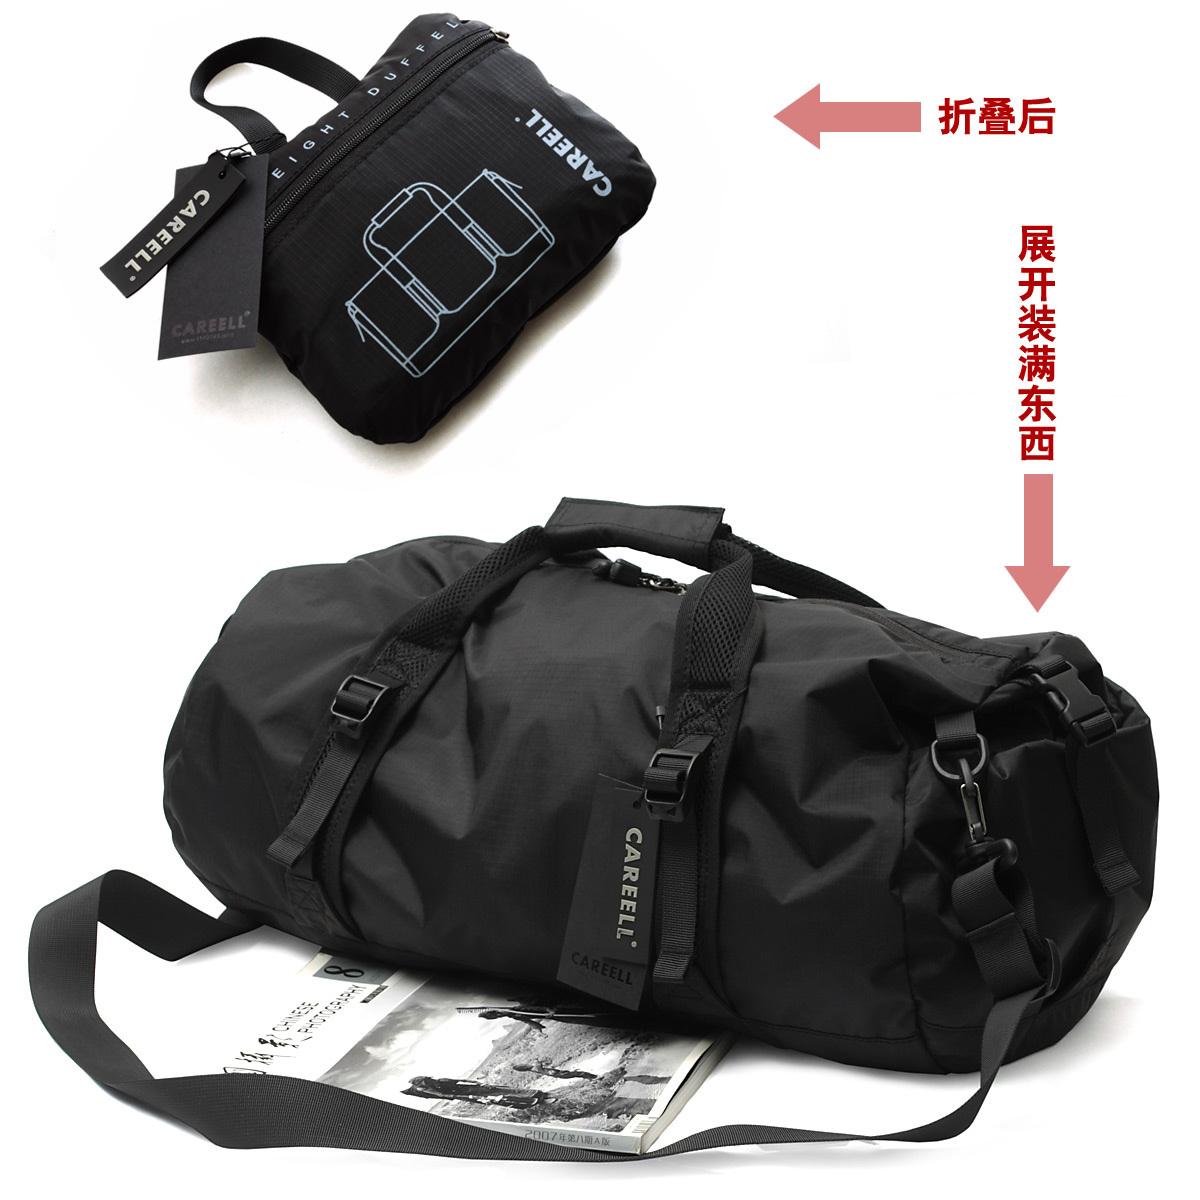 旅行包 圆筒包 手提包